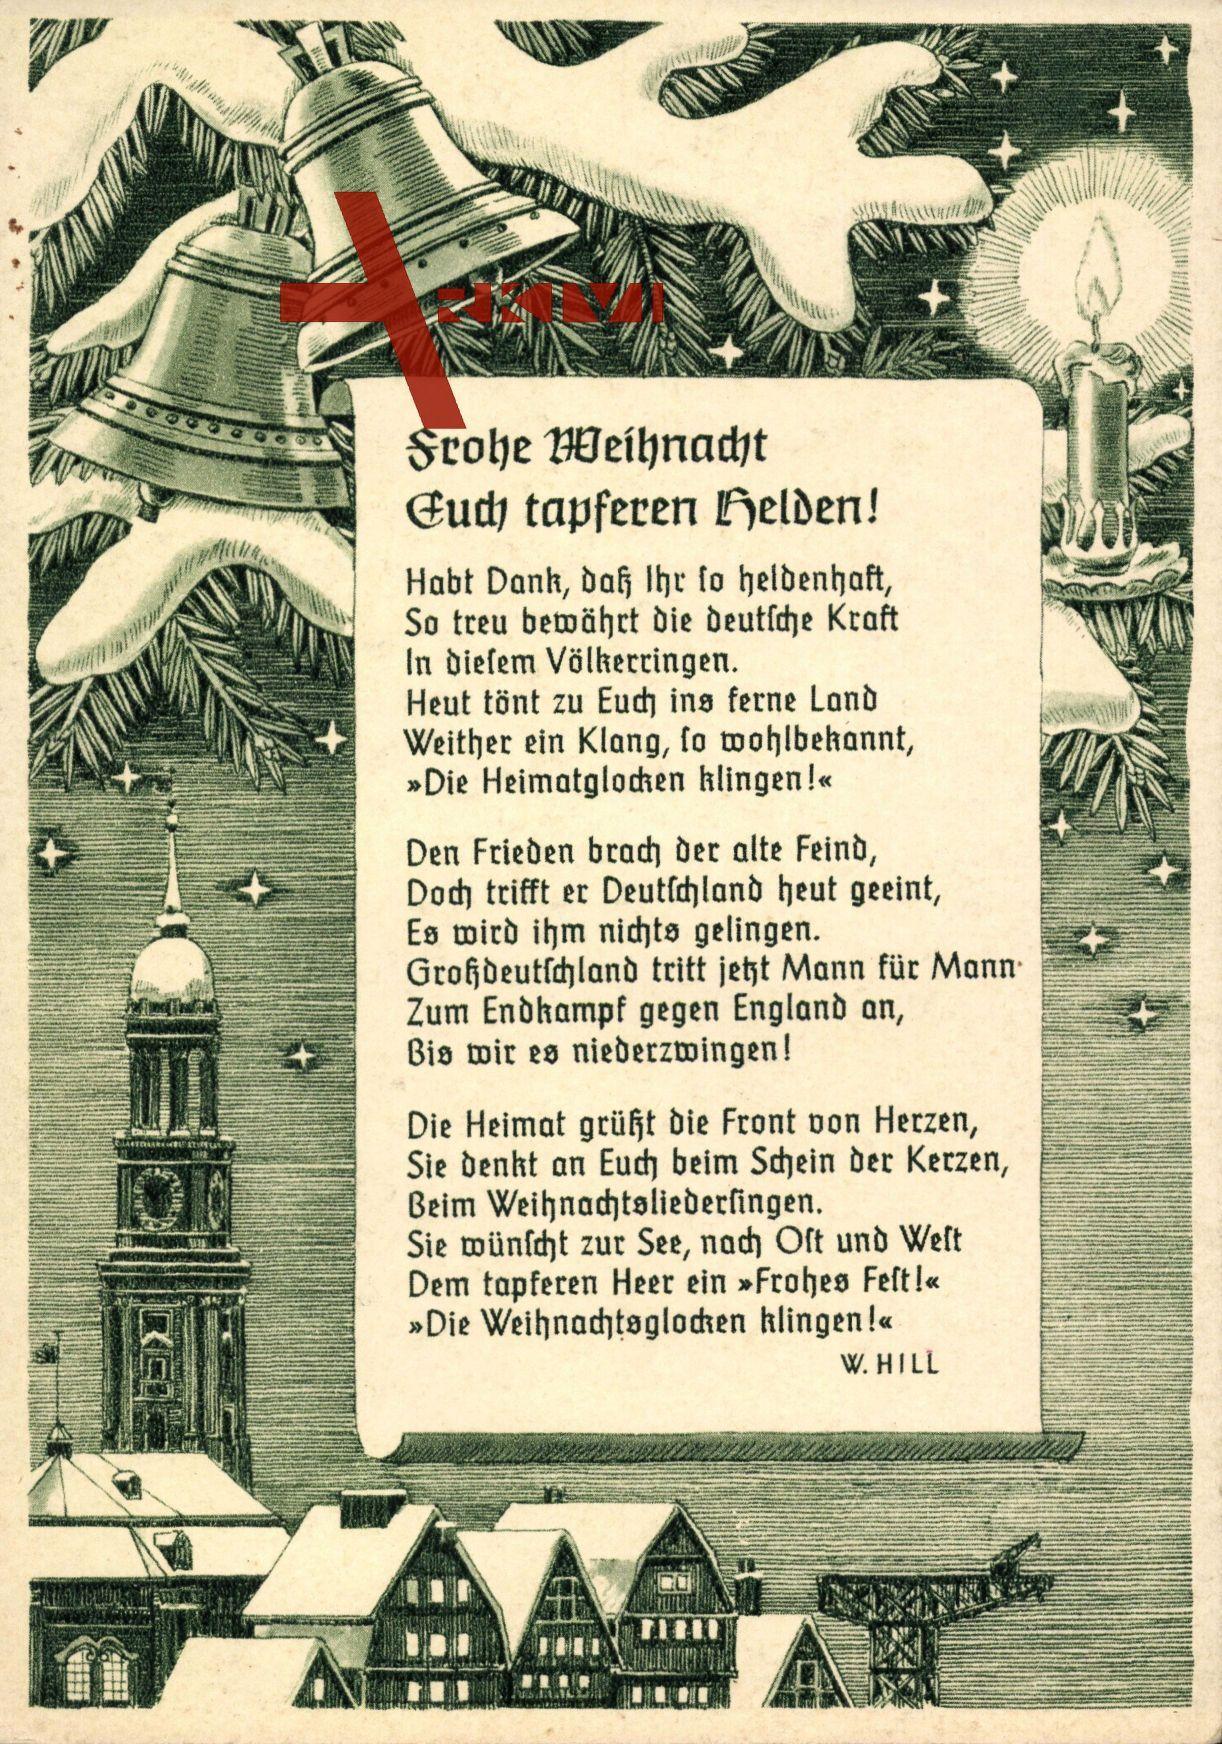 Gedicht Frohe Weihnachten, Frohe Weihnacht euch tapferen Helden, W ...